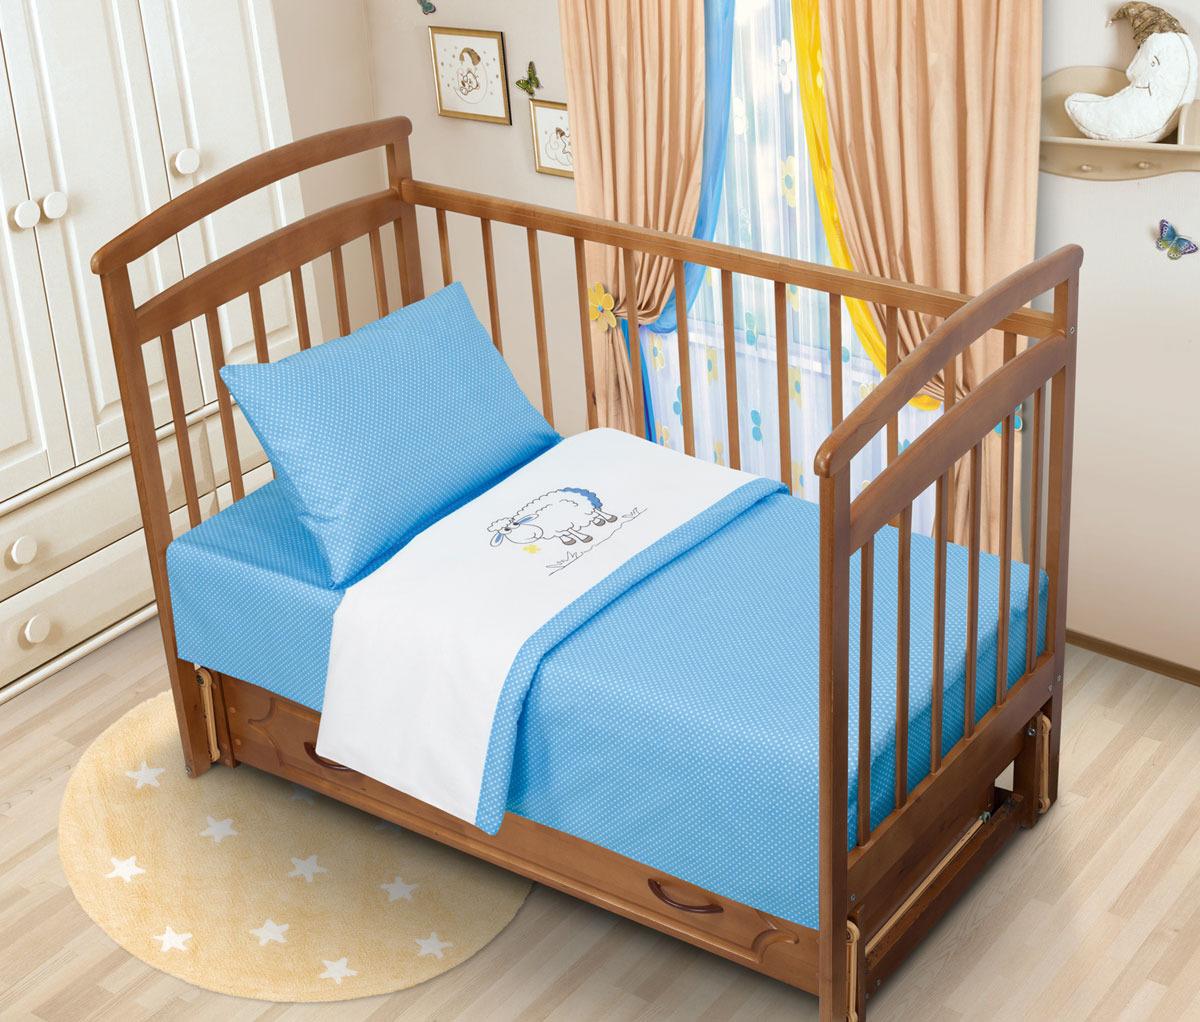 все цены на Детский комплект постельного белья Tatkraft Овечка Ламми, с вышивкой, перкаль, цвет: голубой онлайн